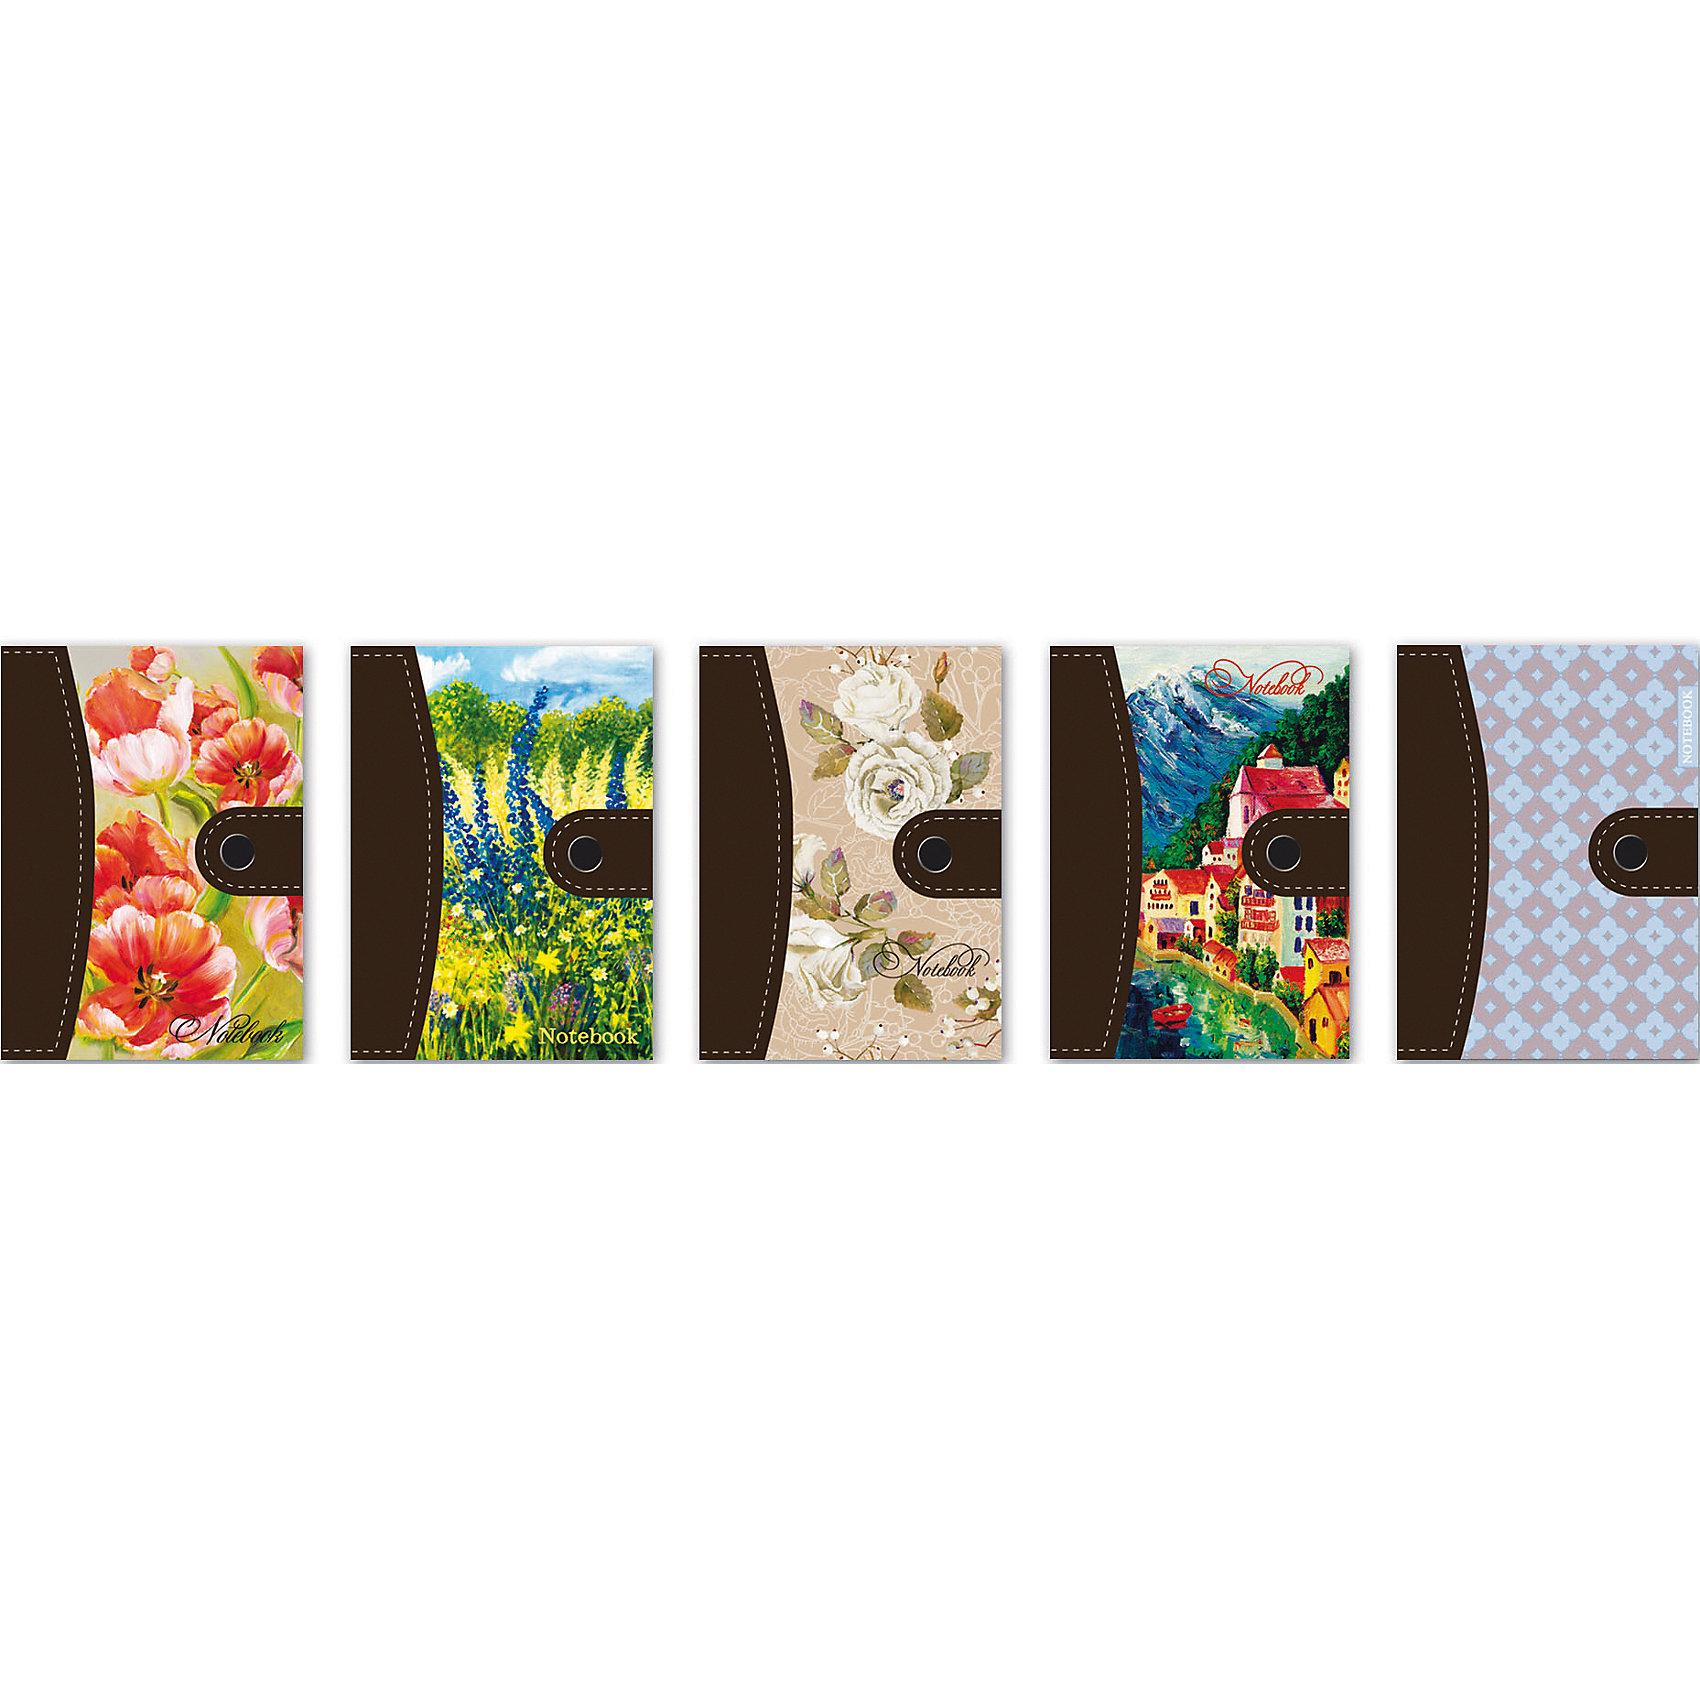 Записная книжка Феникс+, в ассортиментеБумажная продукция<br>Записная книжка Ноутбук АССОРТИ (размер 110x150мм, 96 л. (линия), застежка на кнопке, 5 дизайнов, тисн. цв. фольг., обл. 7БЦ с поролоном, комб. с элит. переплет. материалами, печать внутр. бл. в 2 краски, запечат. форзац, бум. бел. офсет, инд. ПЭТ-упак.)<br><br>Ширина мм: 150<br>Глубина мм: 110<br>Высота мм: 15<br>Вес г: 155<br>Возраст от месяцев: 72<br>Возраст до месяцев: 2147483647<br>Пол: Унисекс<br>Возраст: Детский<br>SKU: 7046216